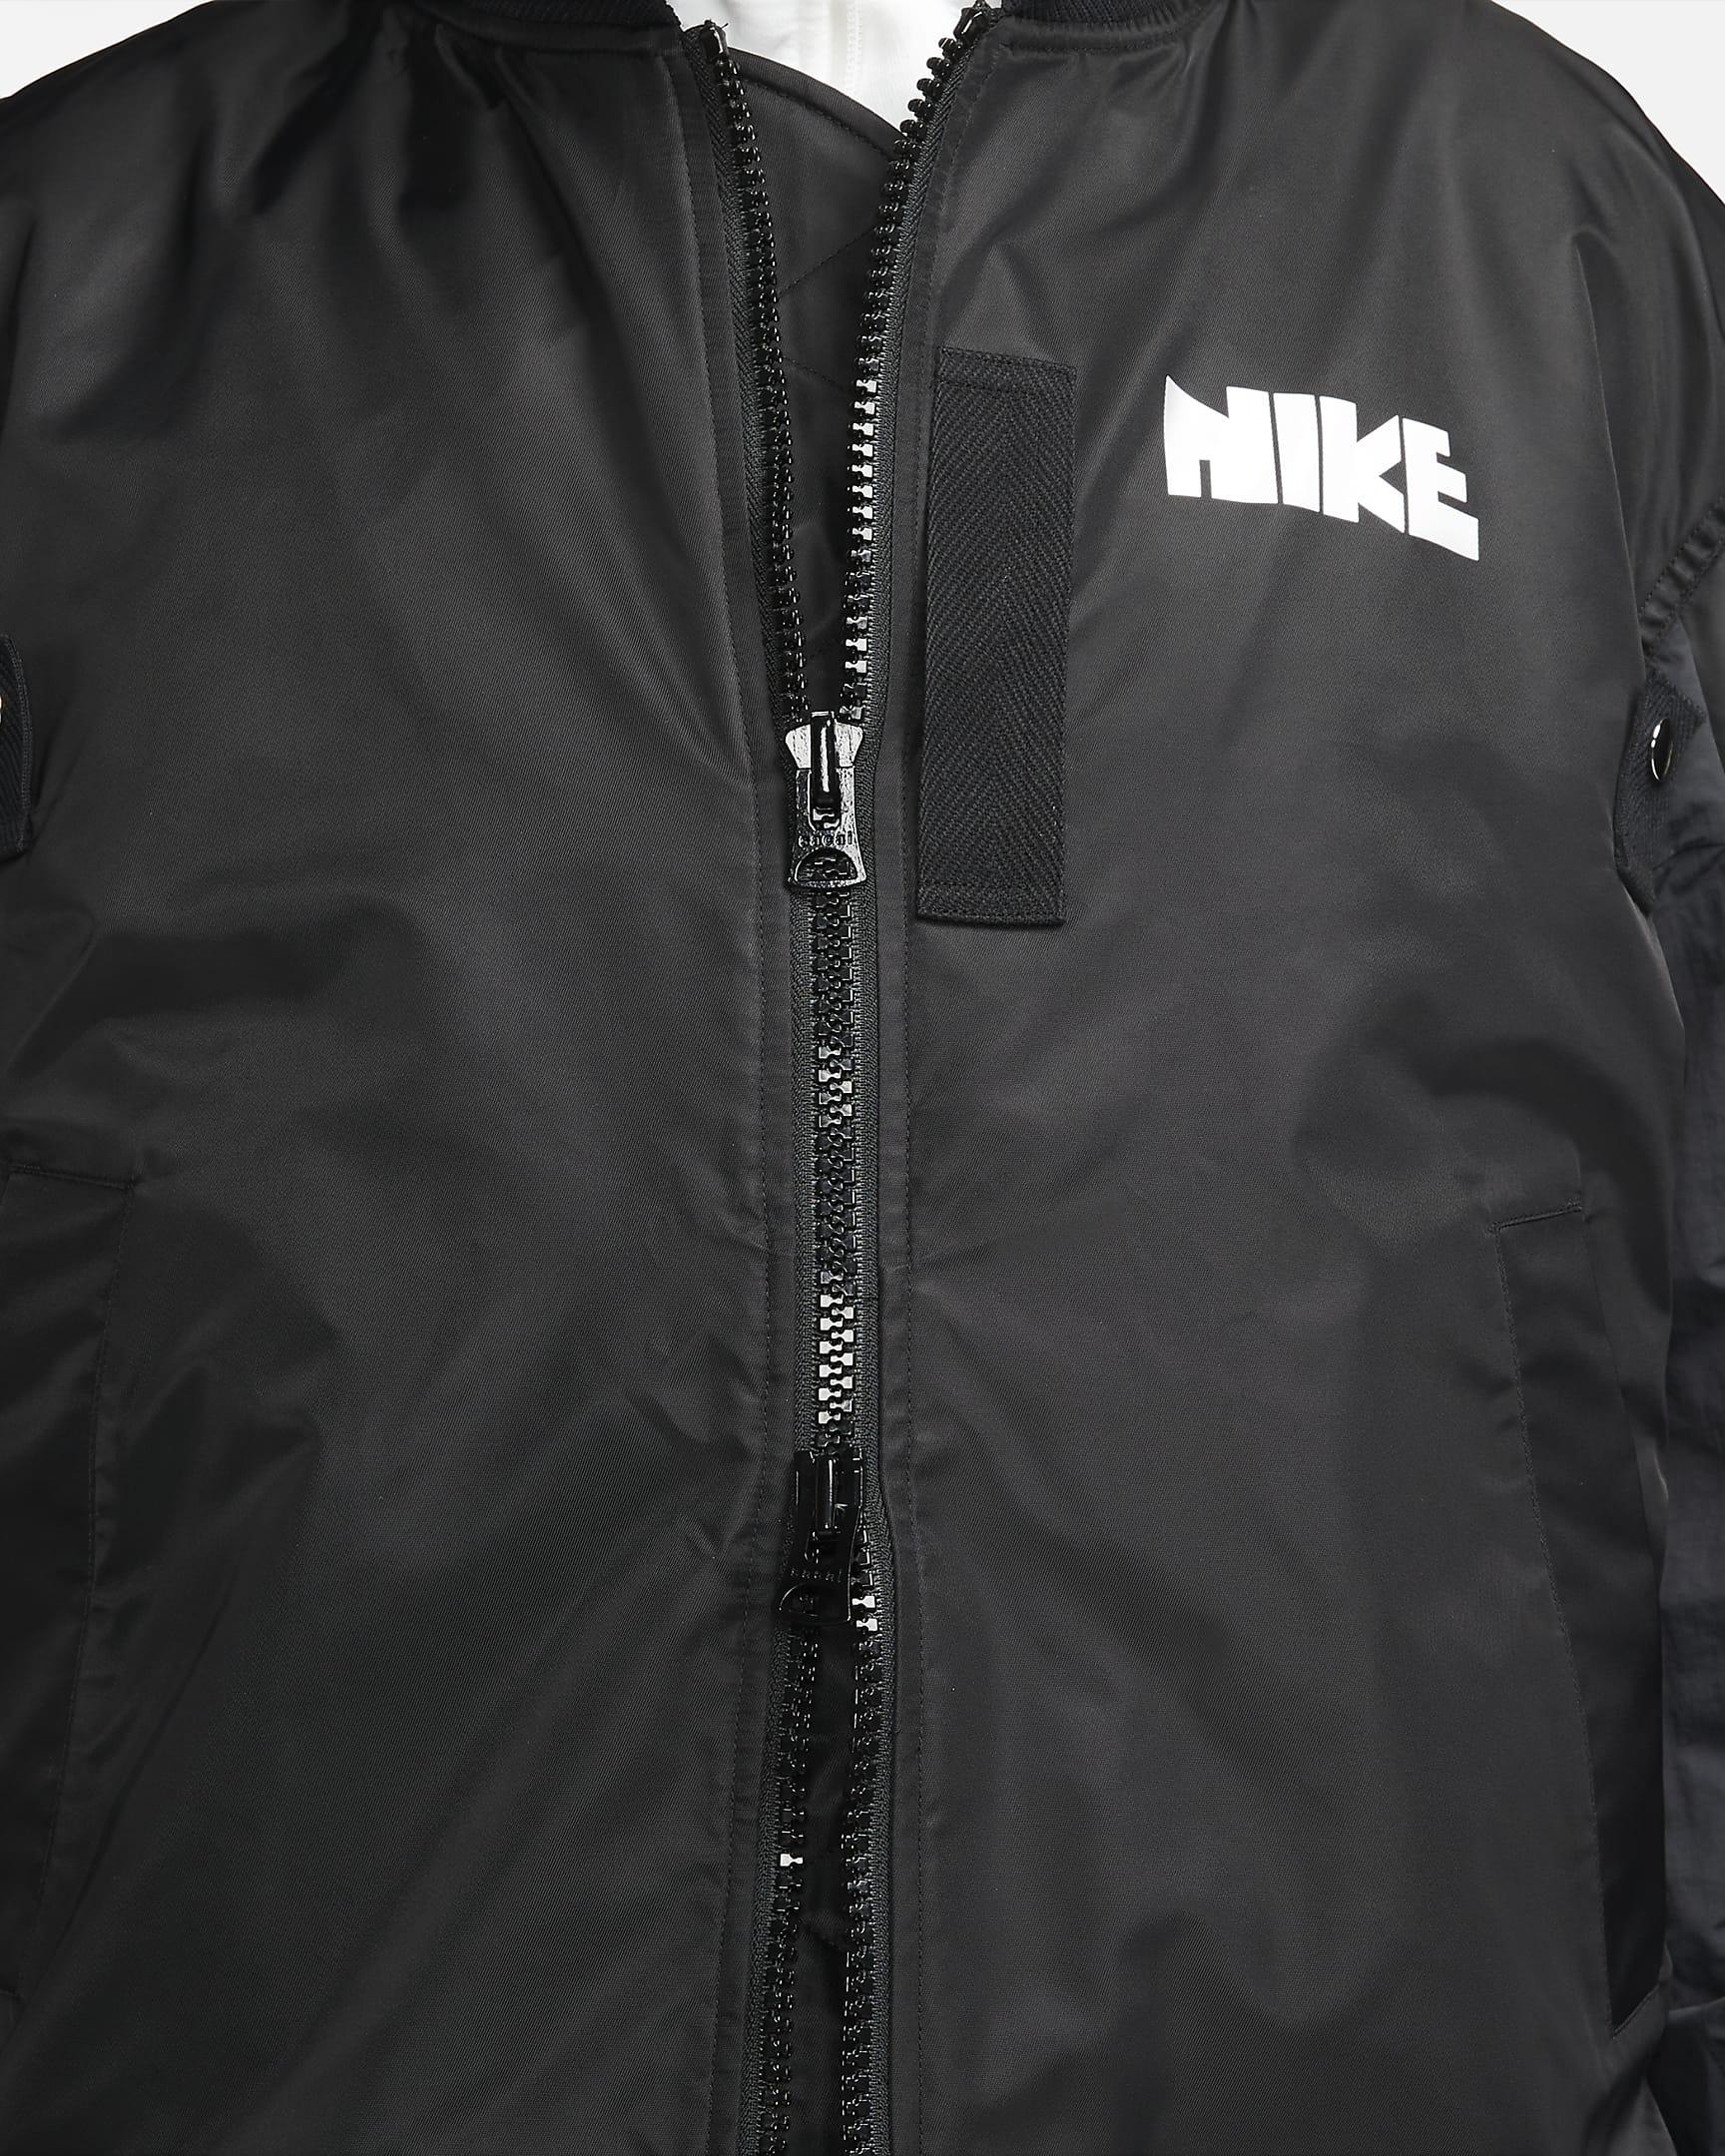 sacai-mens-jacket-Sm6C4c-2.png